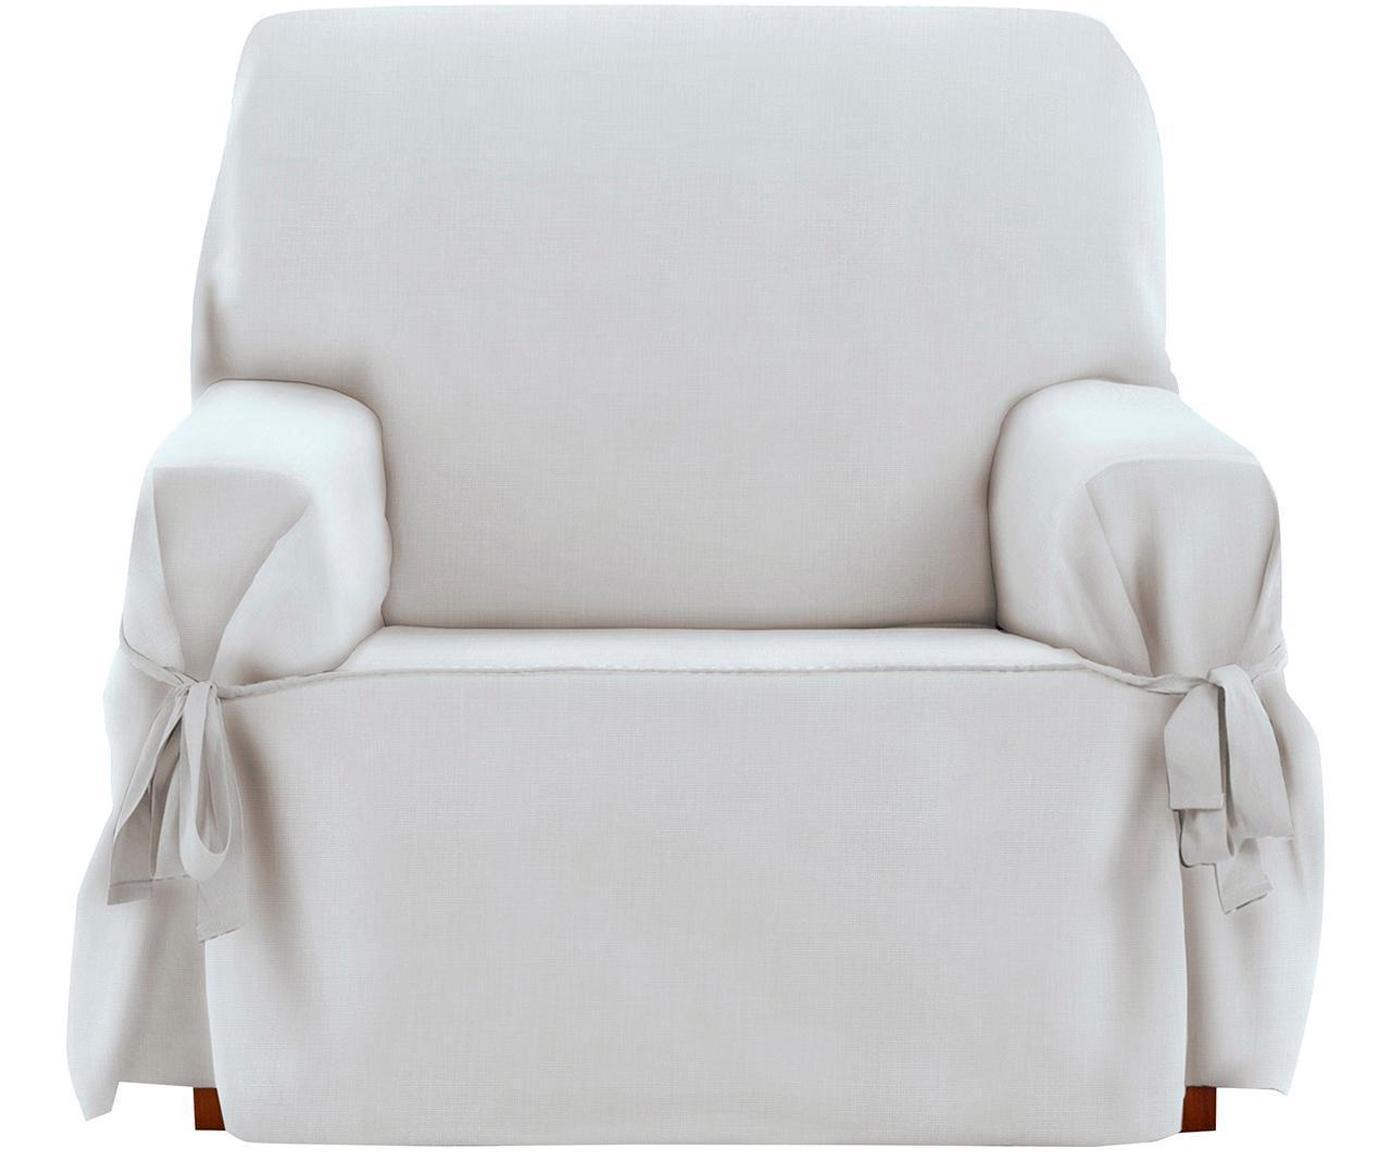 Funda de sillón Levante, 50%algodón, 50%poliéster, Blanco, An 120 x Al 110 cm